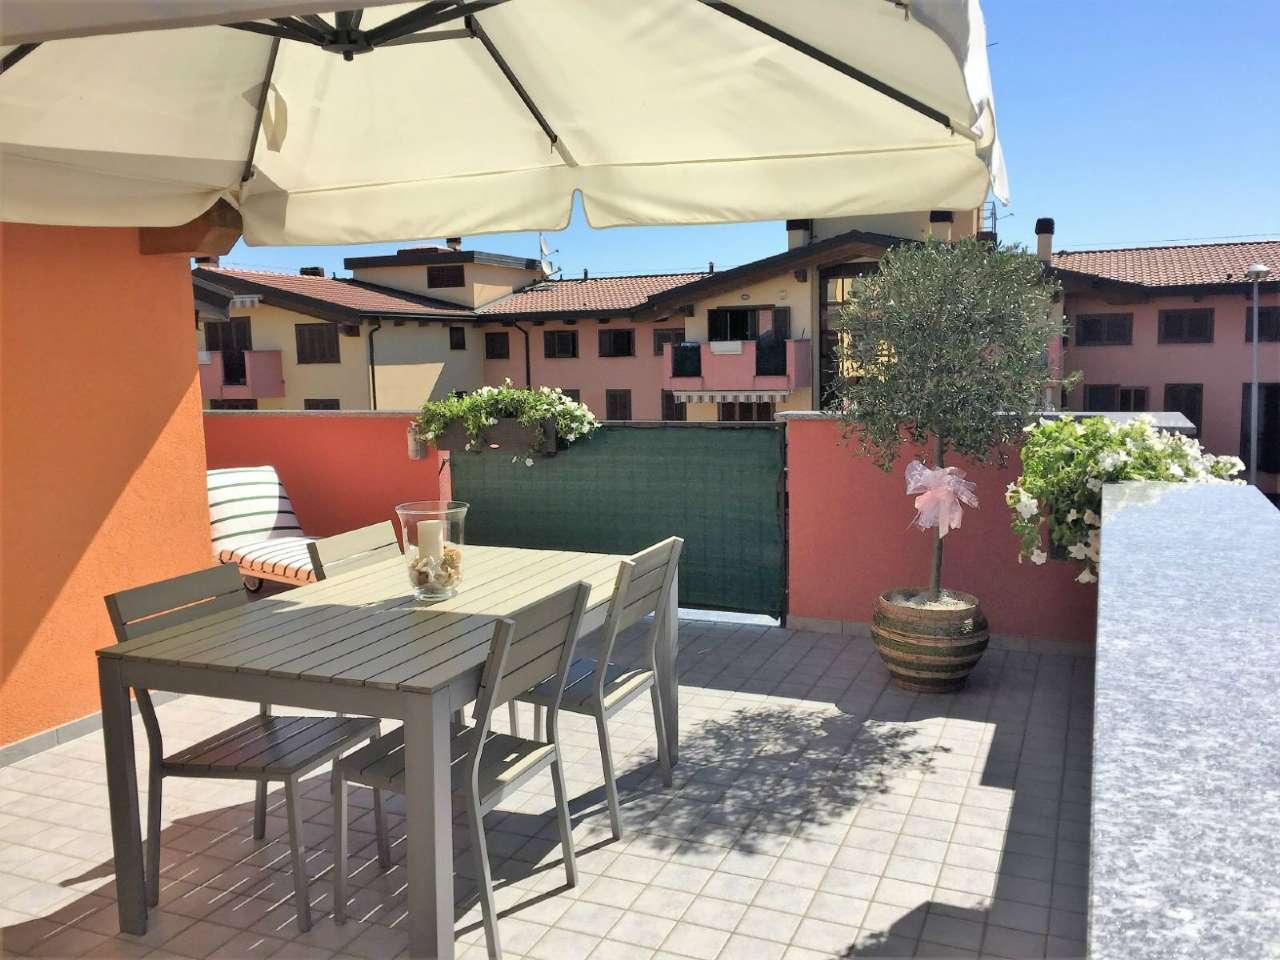 Appartamento in vendita a Roncello, 3 locali, prezzo € 190.000 | CambioCasa.it